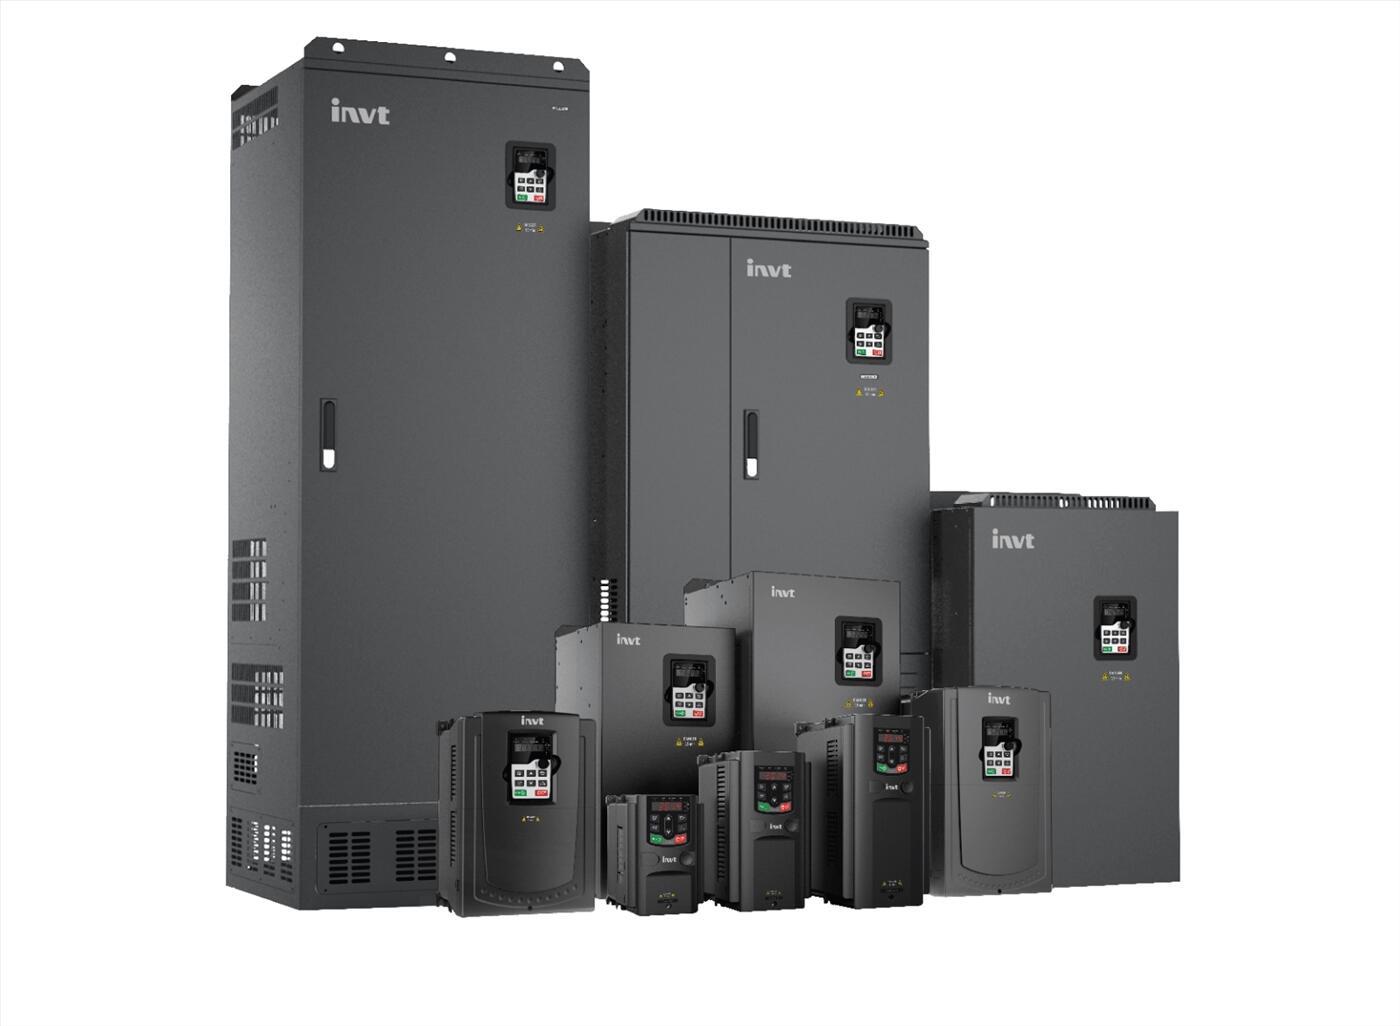 biến tần INVT GD200A giá rẻ - báo giá máy INVT